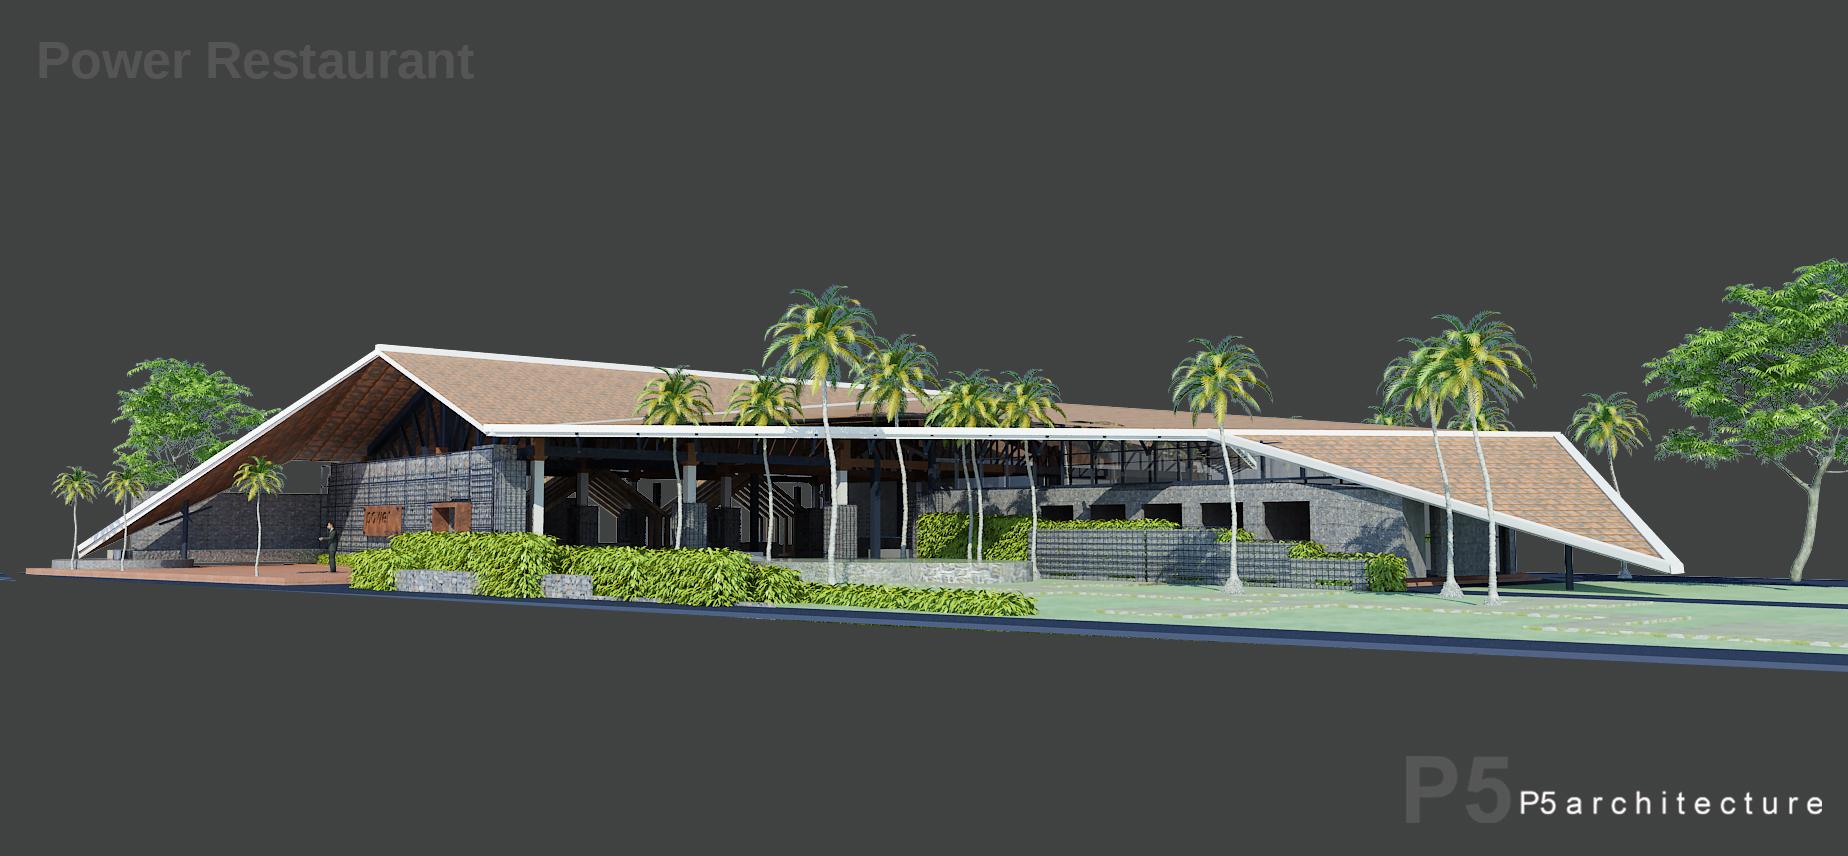 thiết kế Nhà Hàng tại Bắc Ninh POWER Restaurant 1 1563122783